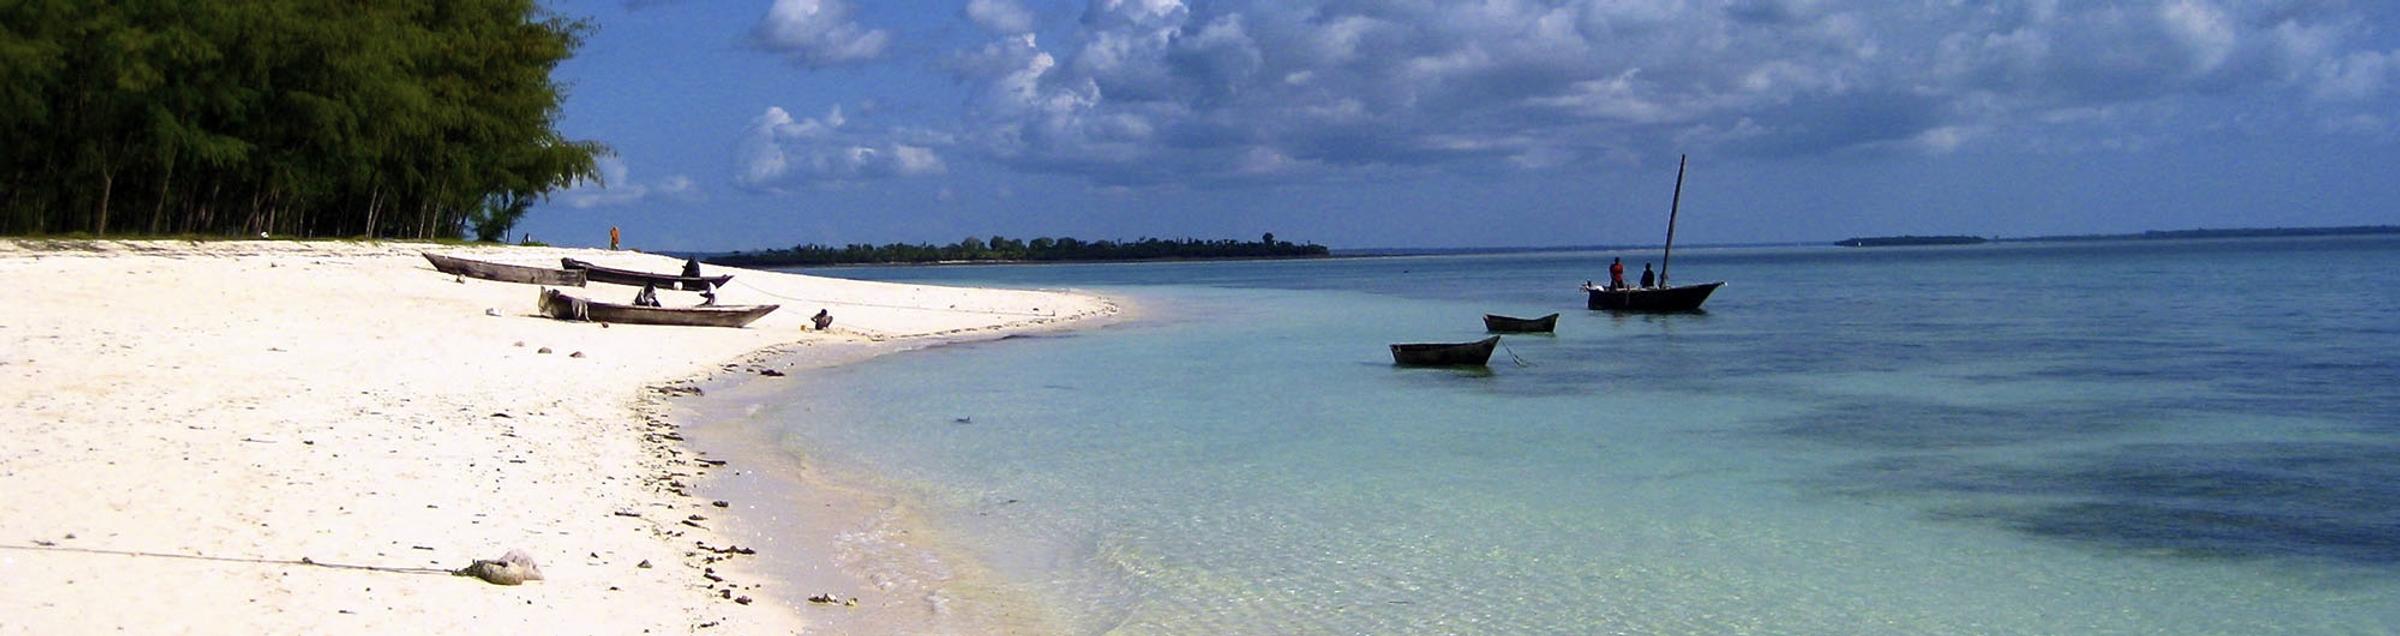 Dar es-Salaam